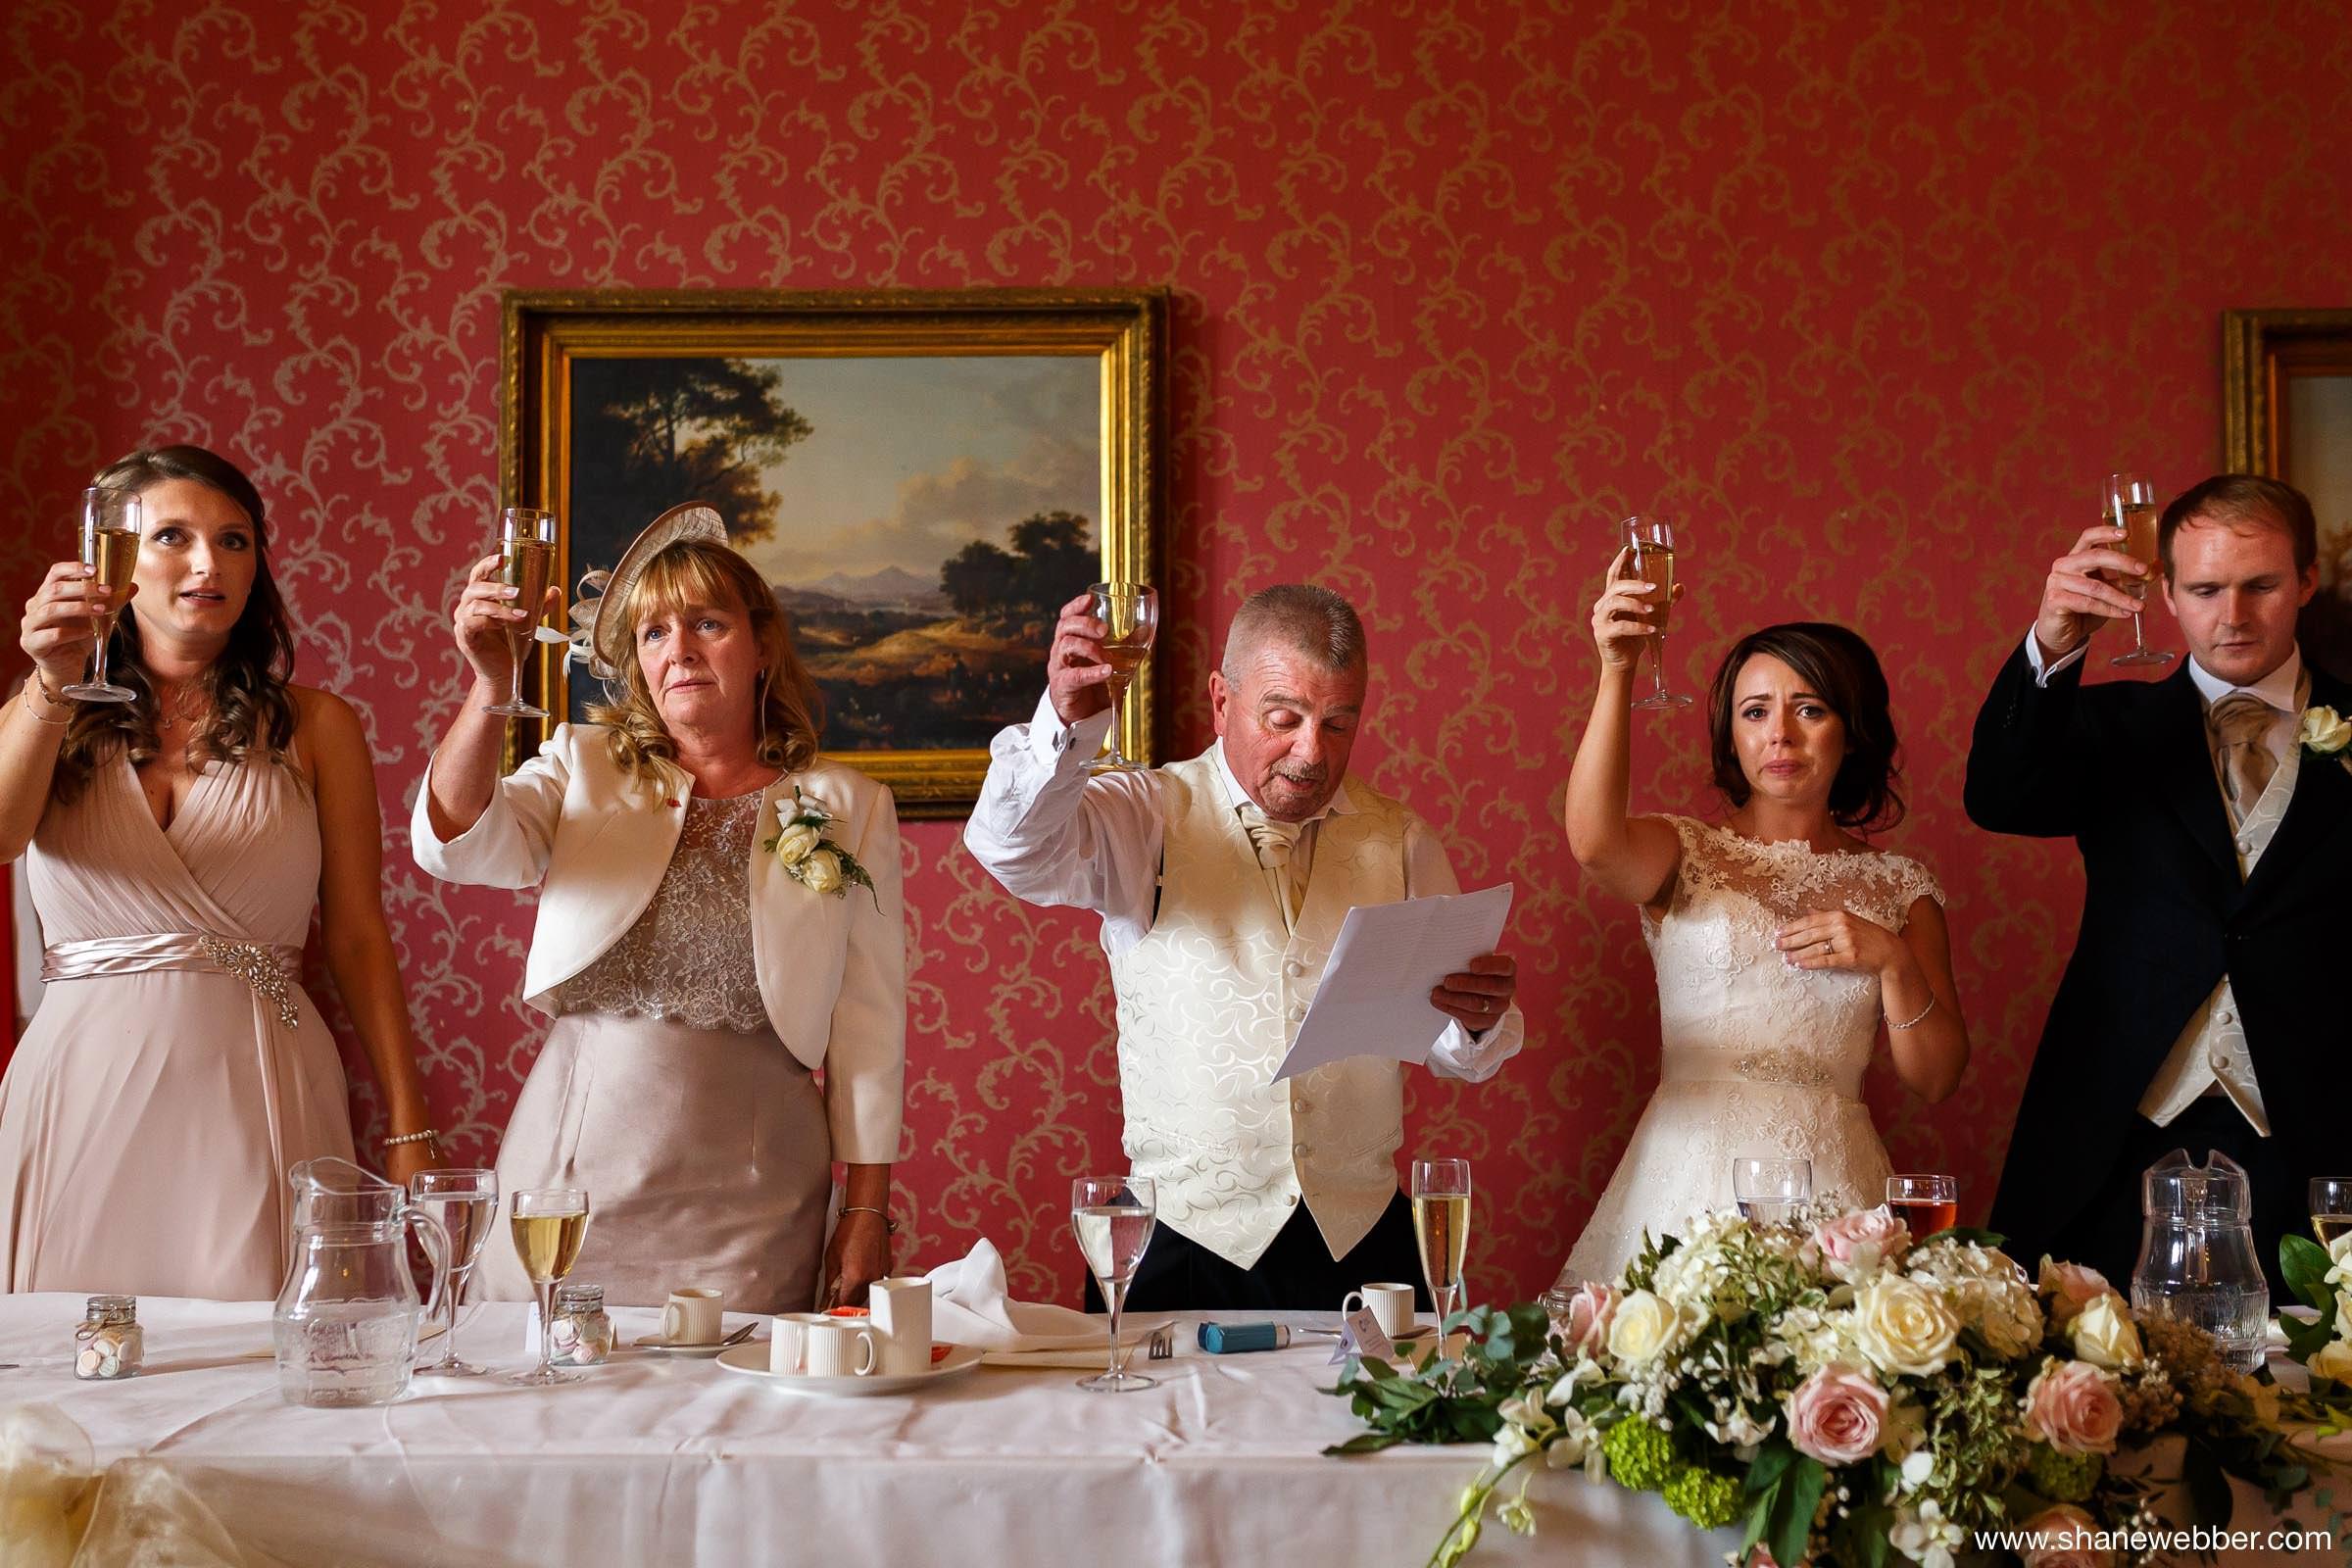 Best wedding speeches photograph